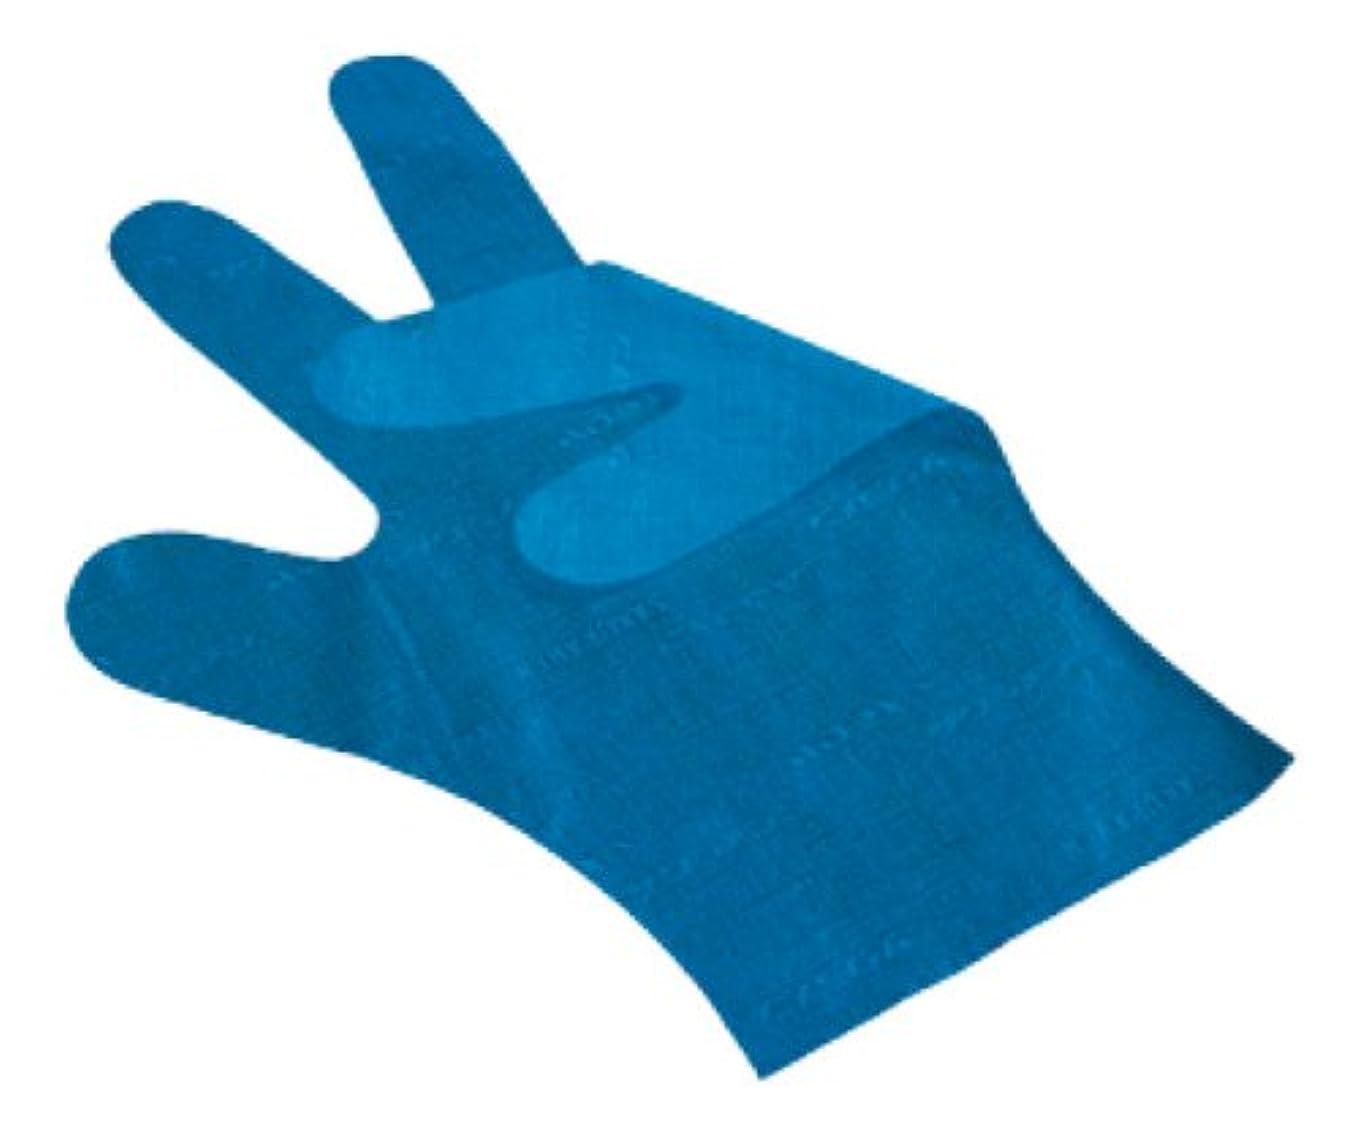 下手血まみれカウントアップサクラメン手袋 デラックス(100枚入)S ブルー 35μ